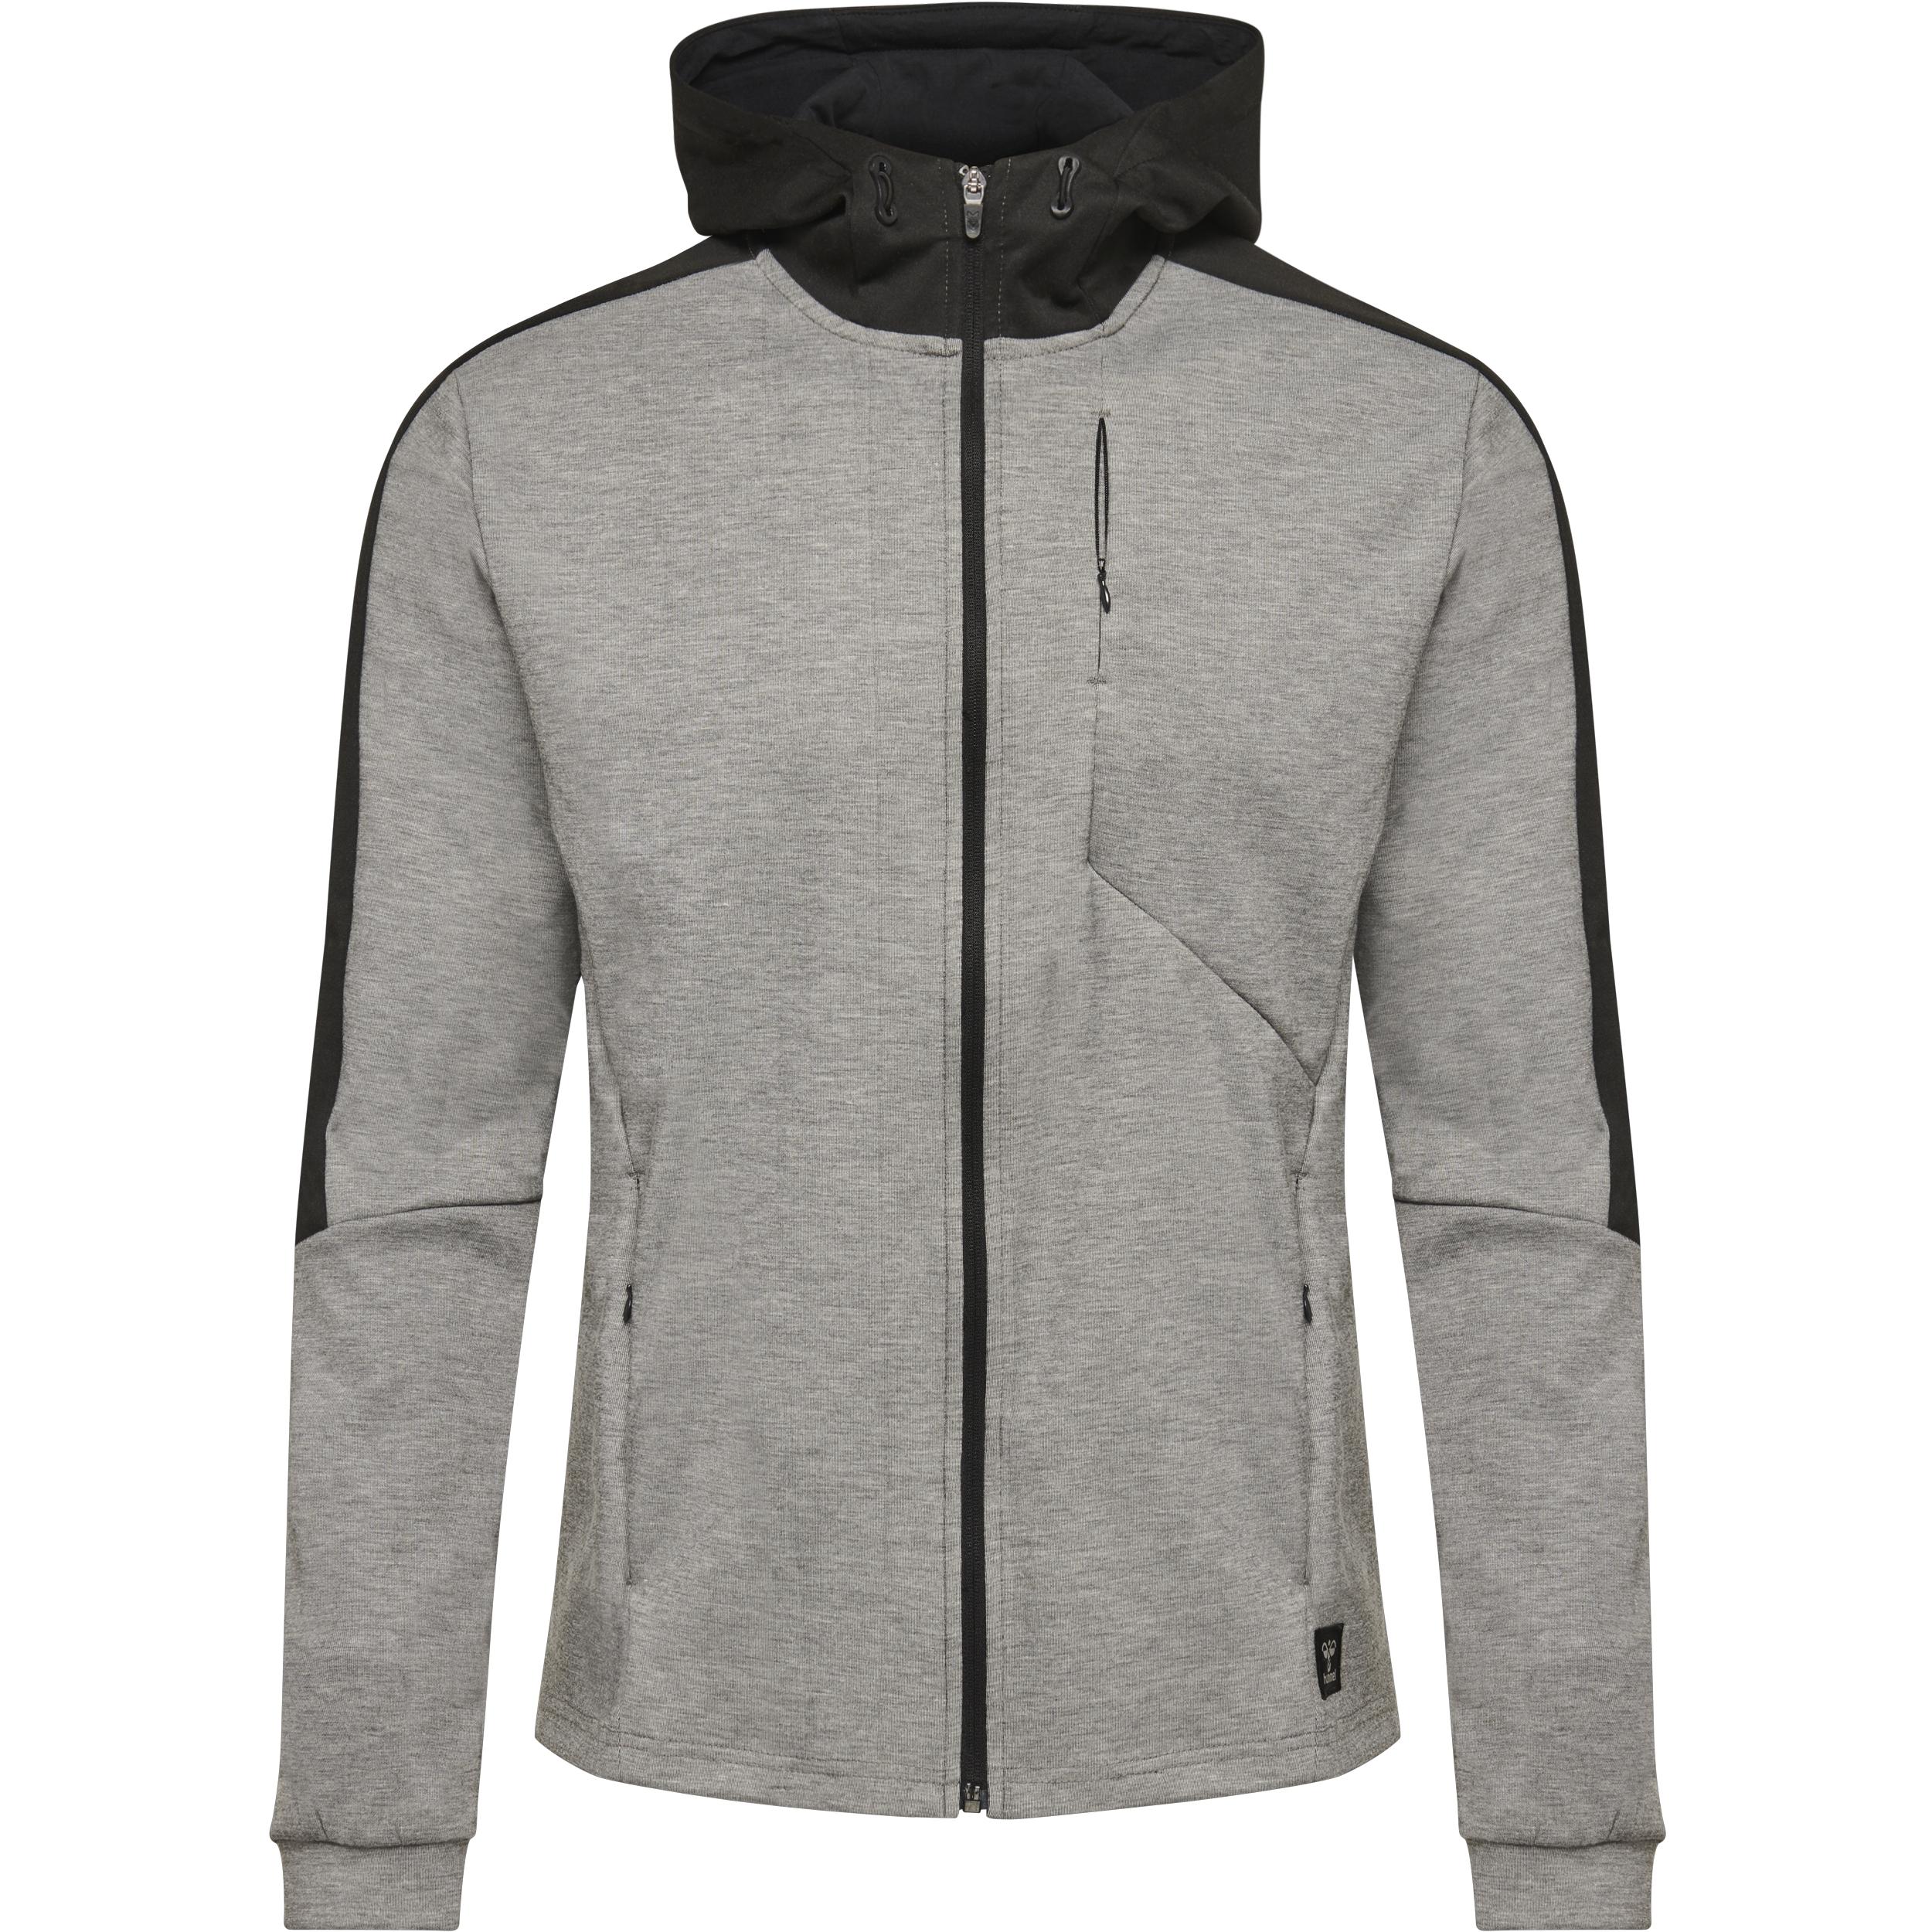 Hummel Tropper Zip hoodie, grey melange, large